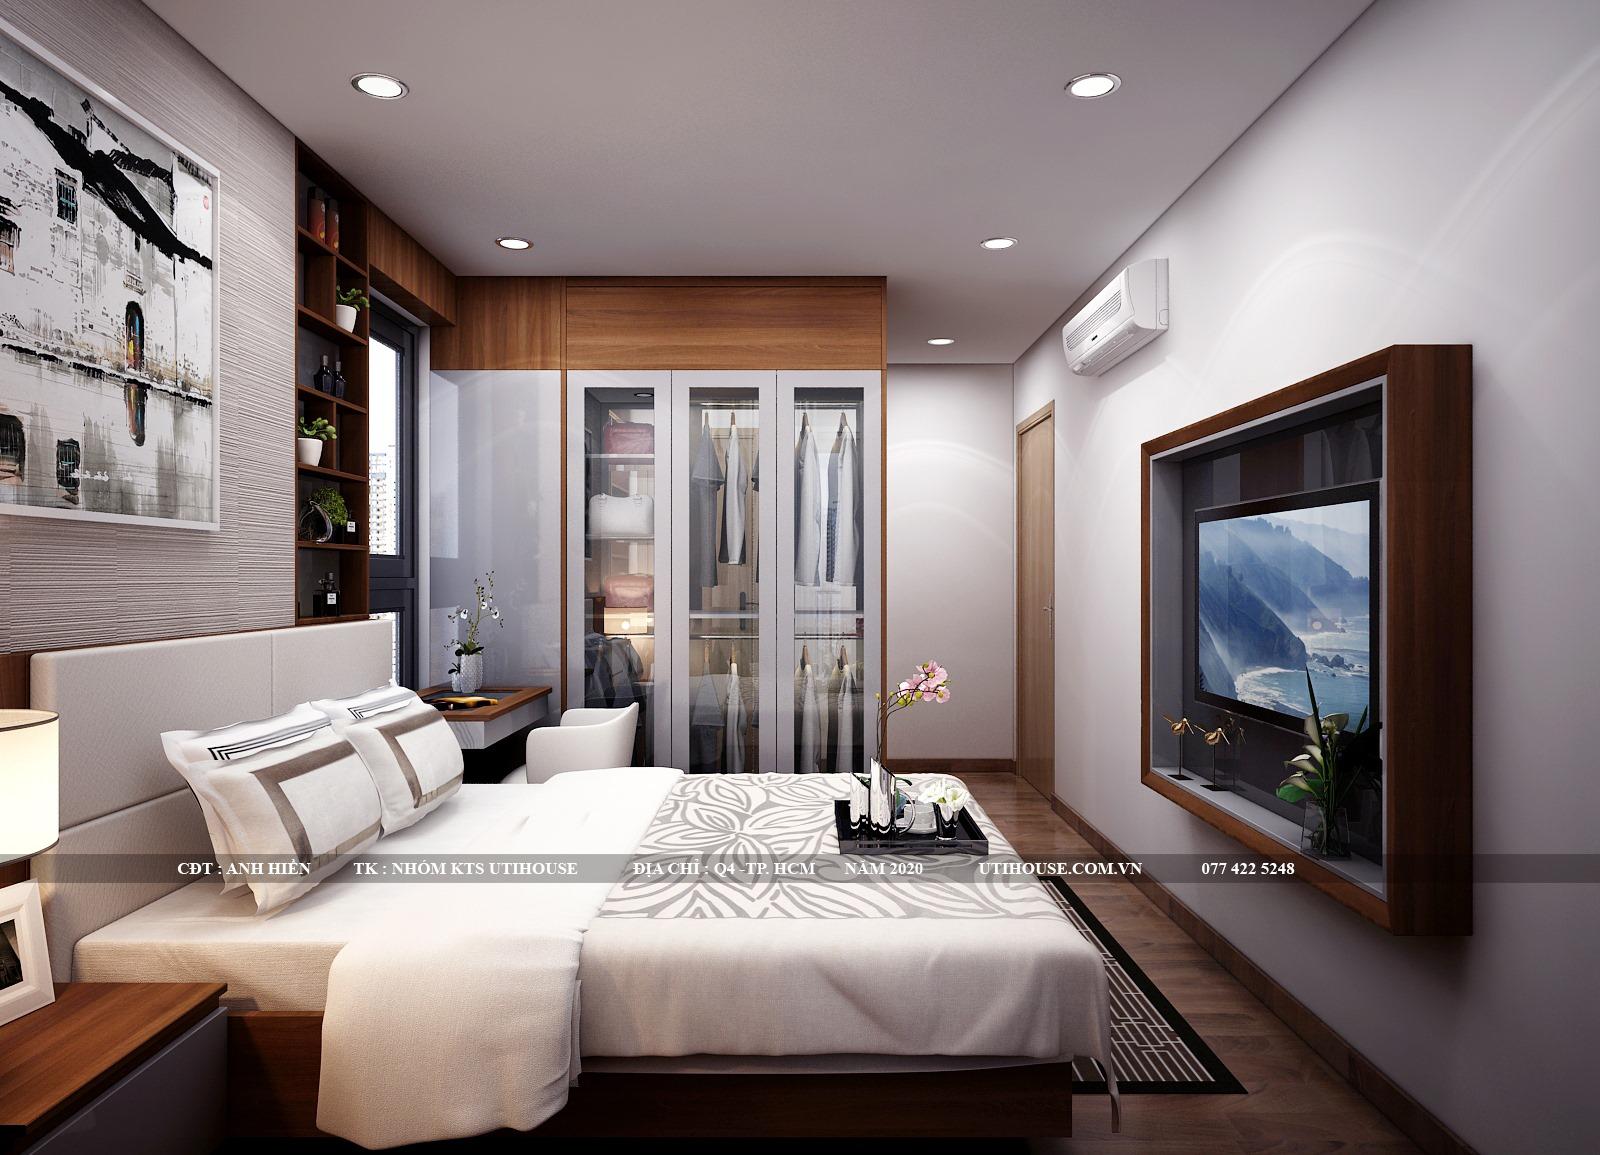 Mẫu thiết kế nội thất chung cư 65m2 hiện đại đẳng cấp